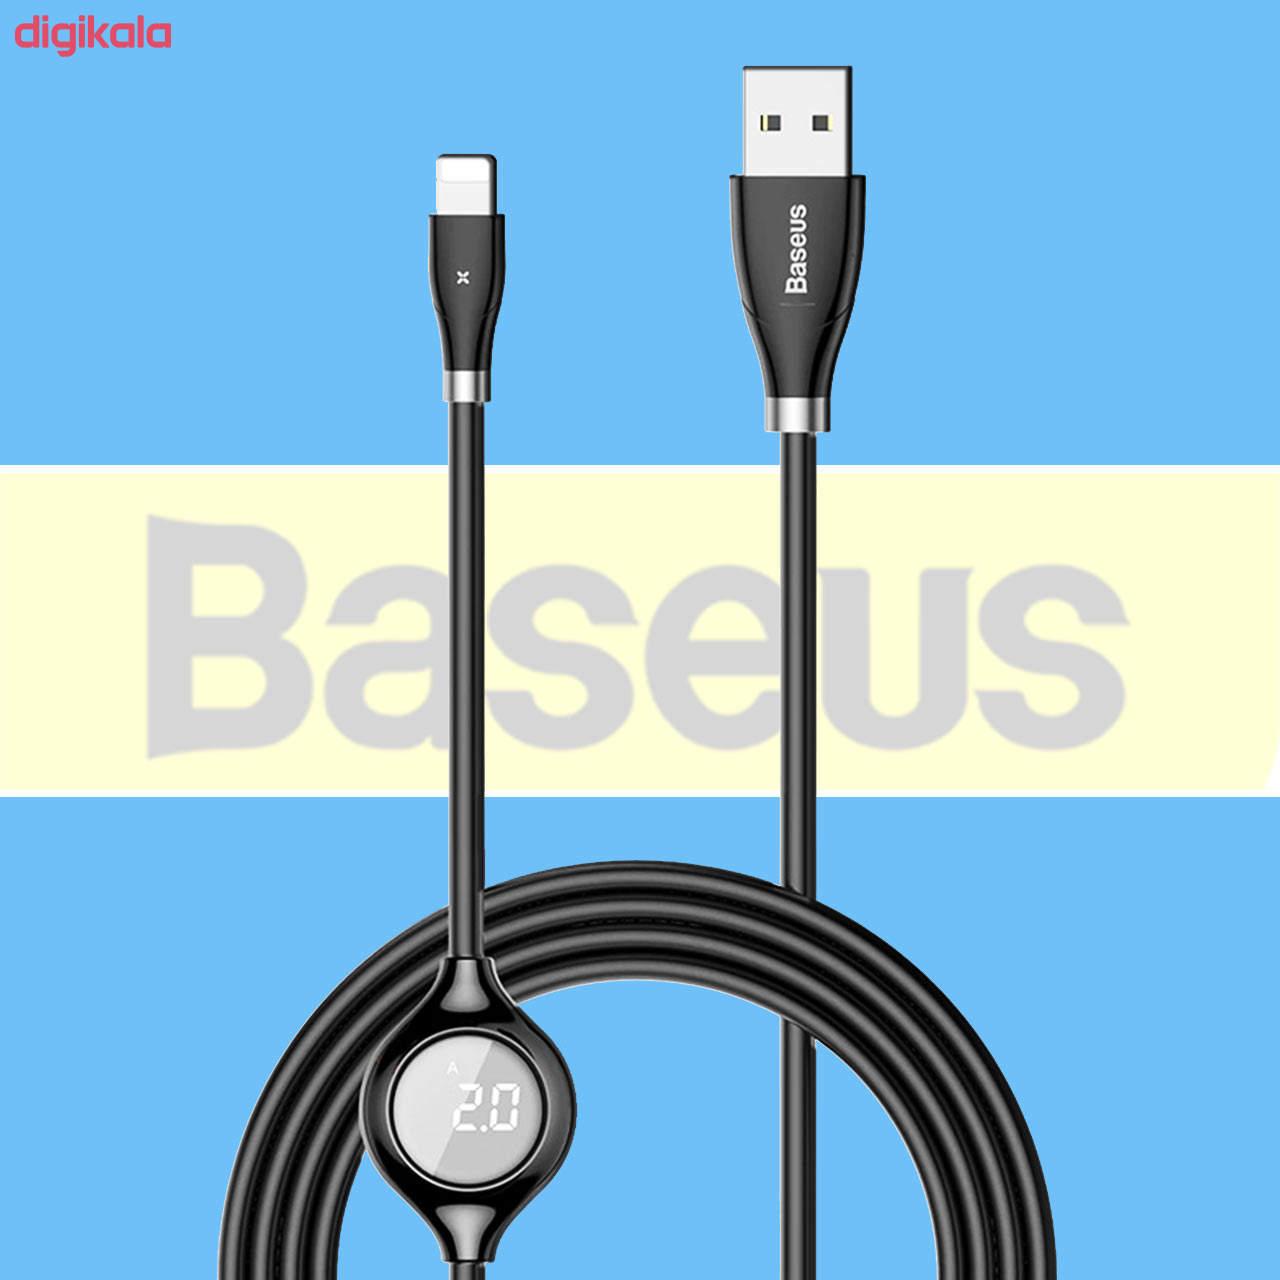 کابل تبدیل USB به لایتنینگ باسئوس مدل CALEYE طول 1.2 متر main 1 3